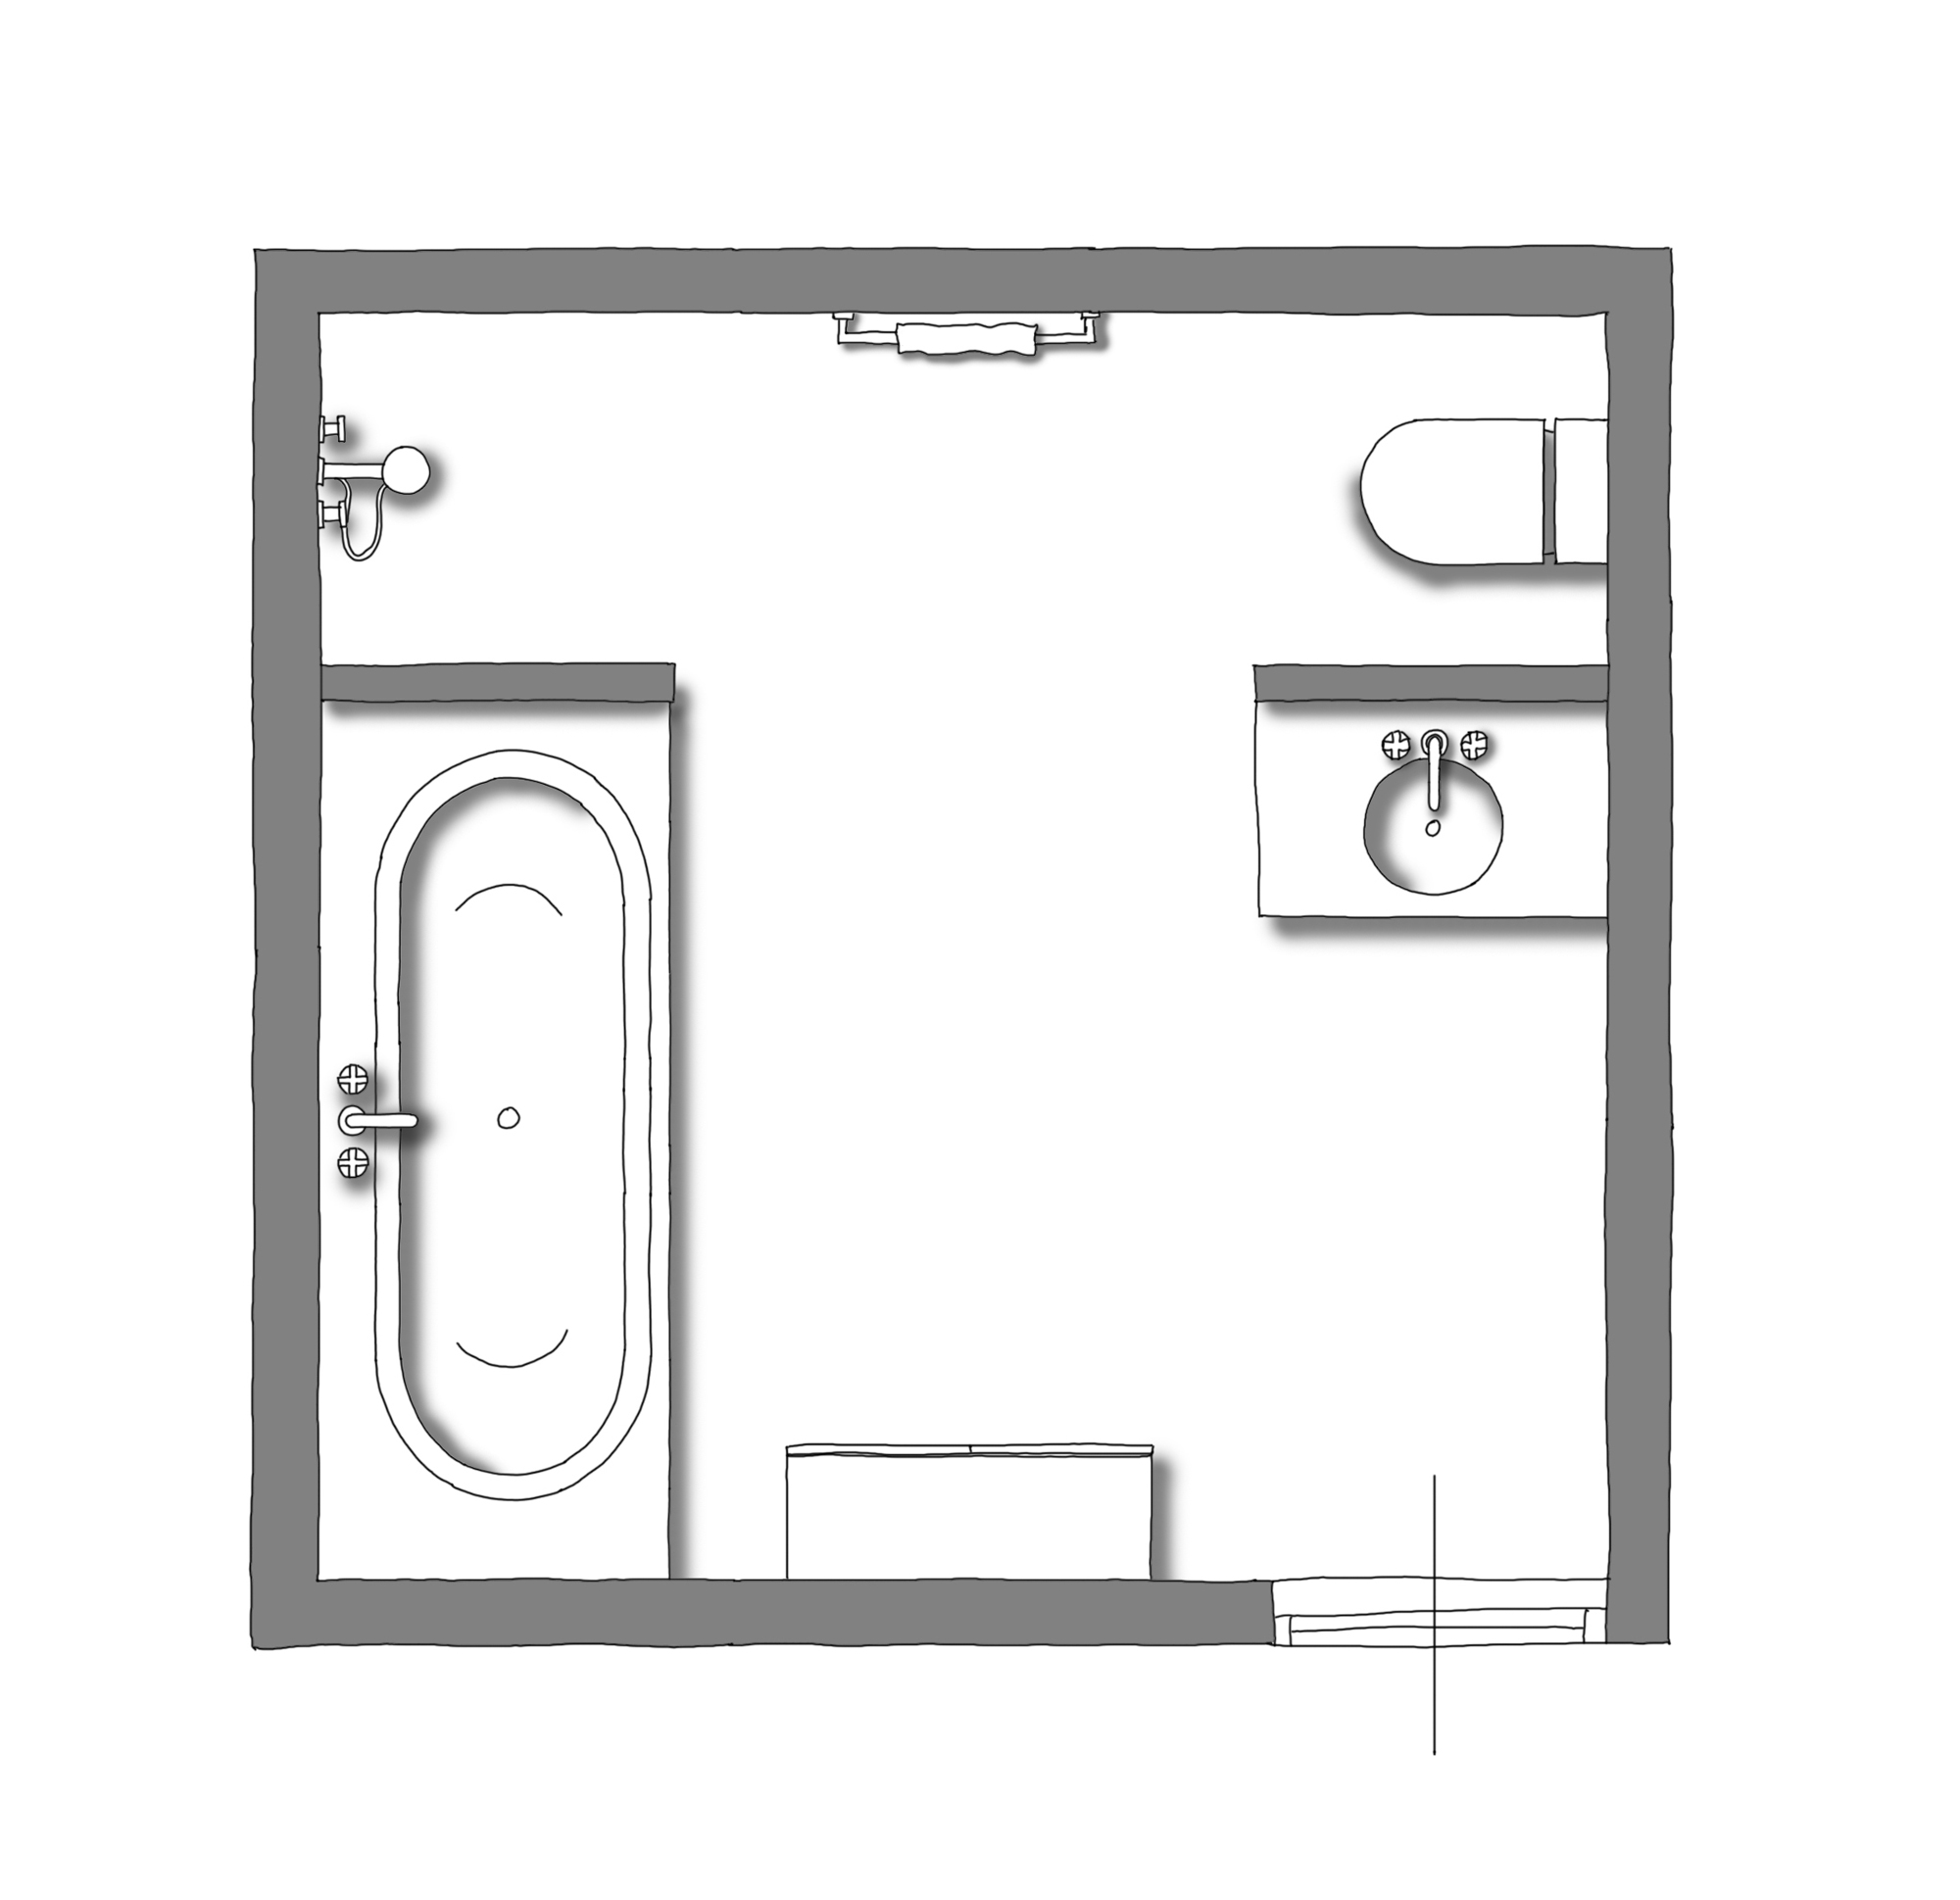 badkamer-idee2 badkamer inspiratie